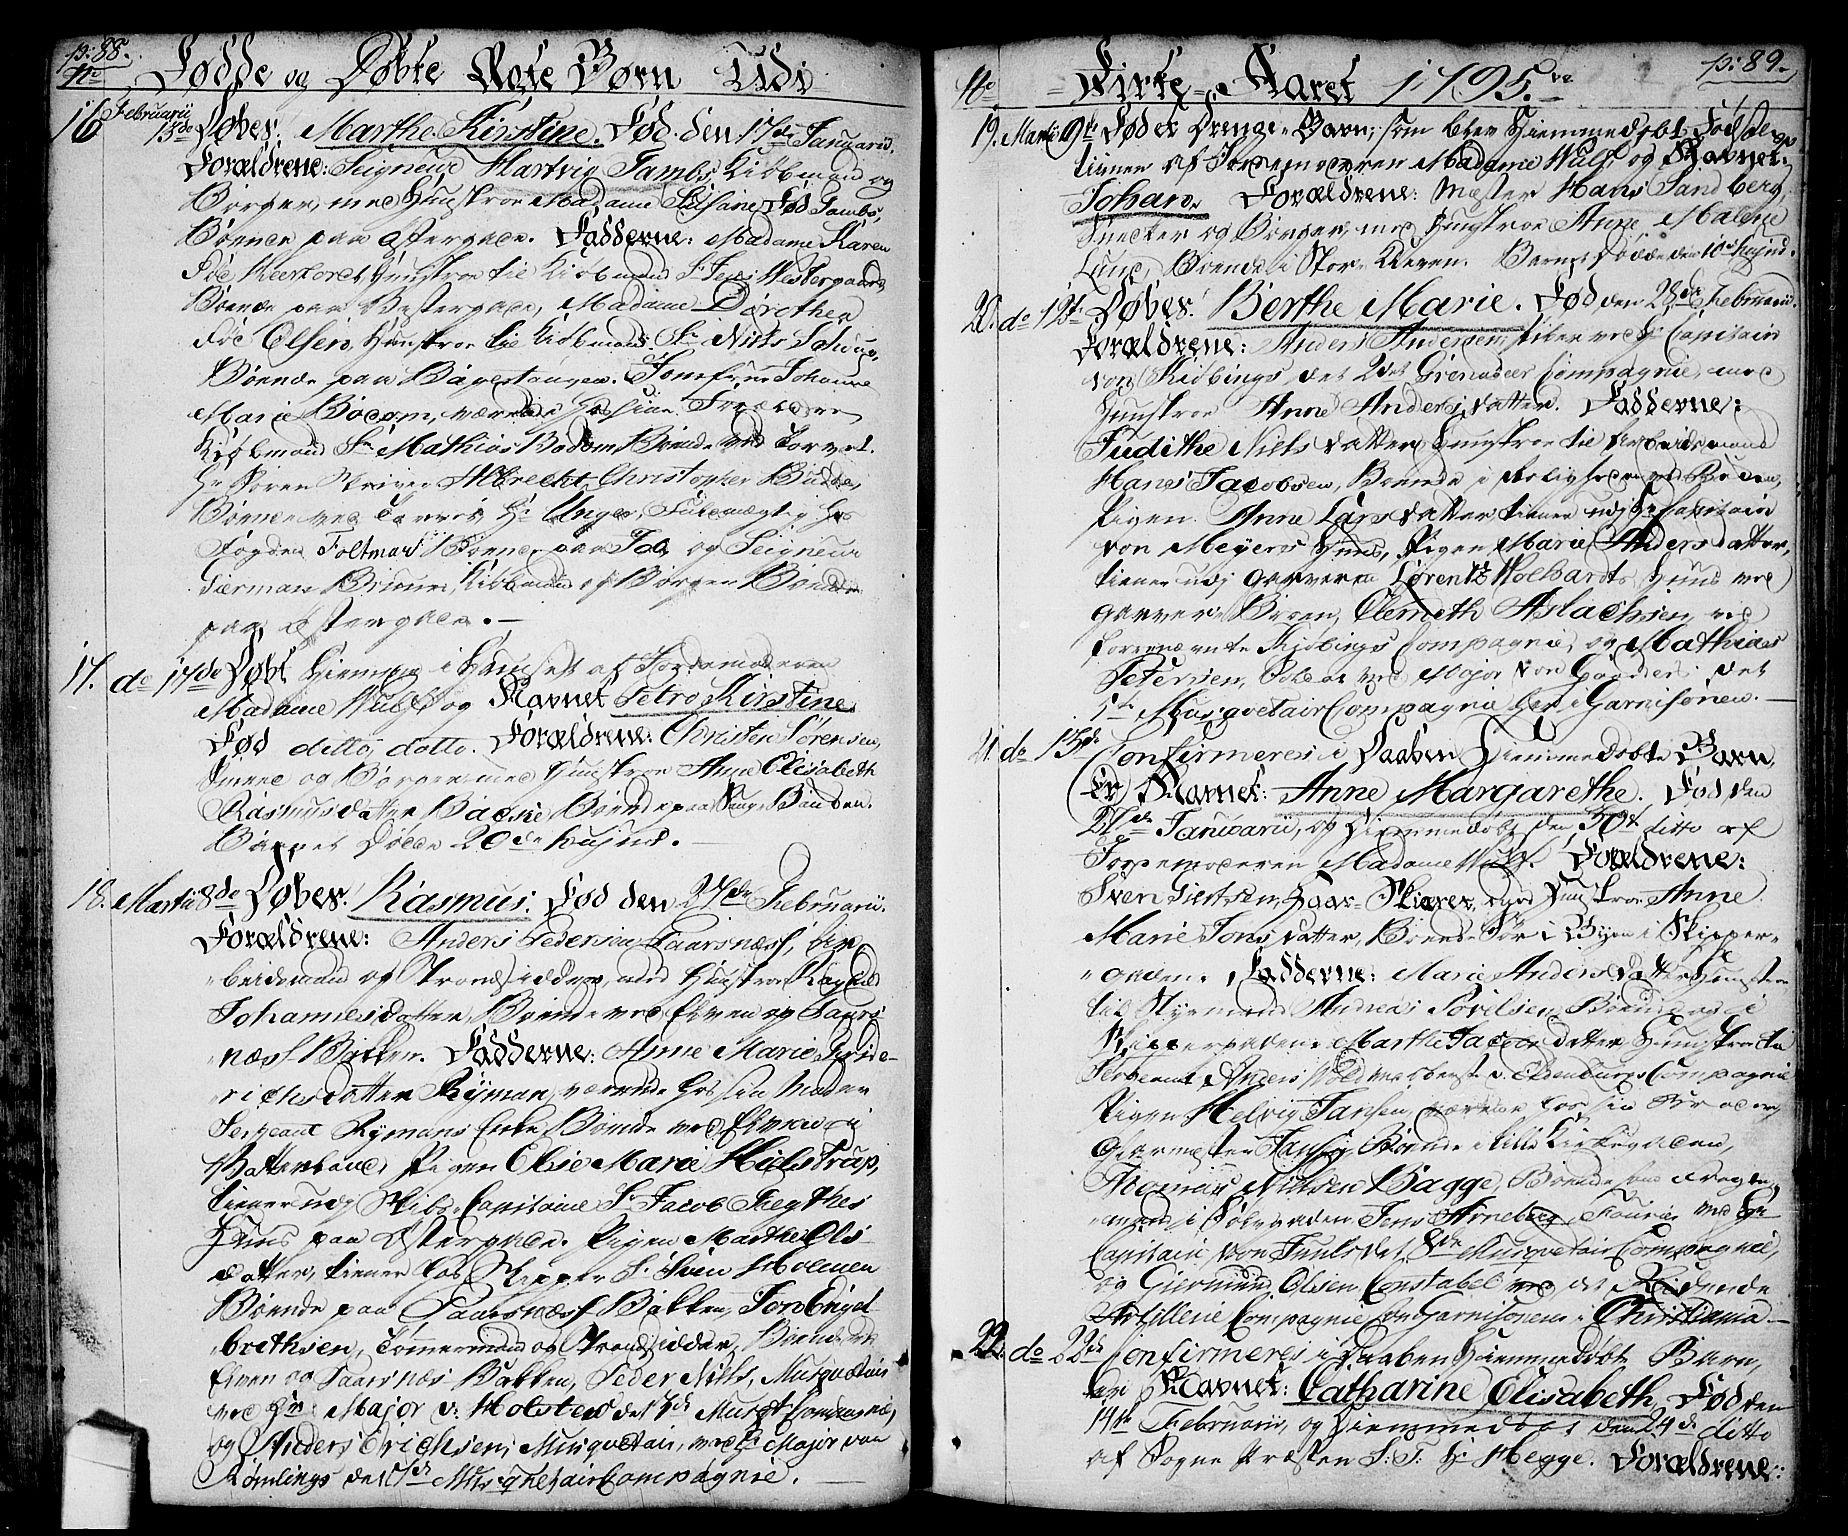 SAO, Halden prestekontor Kirkebøker, F/Fa/L0002: Ministerialbok nr. I 2, 1792-1812, s. 88-89